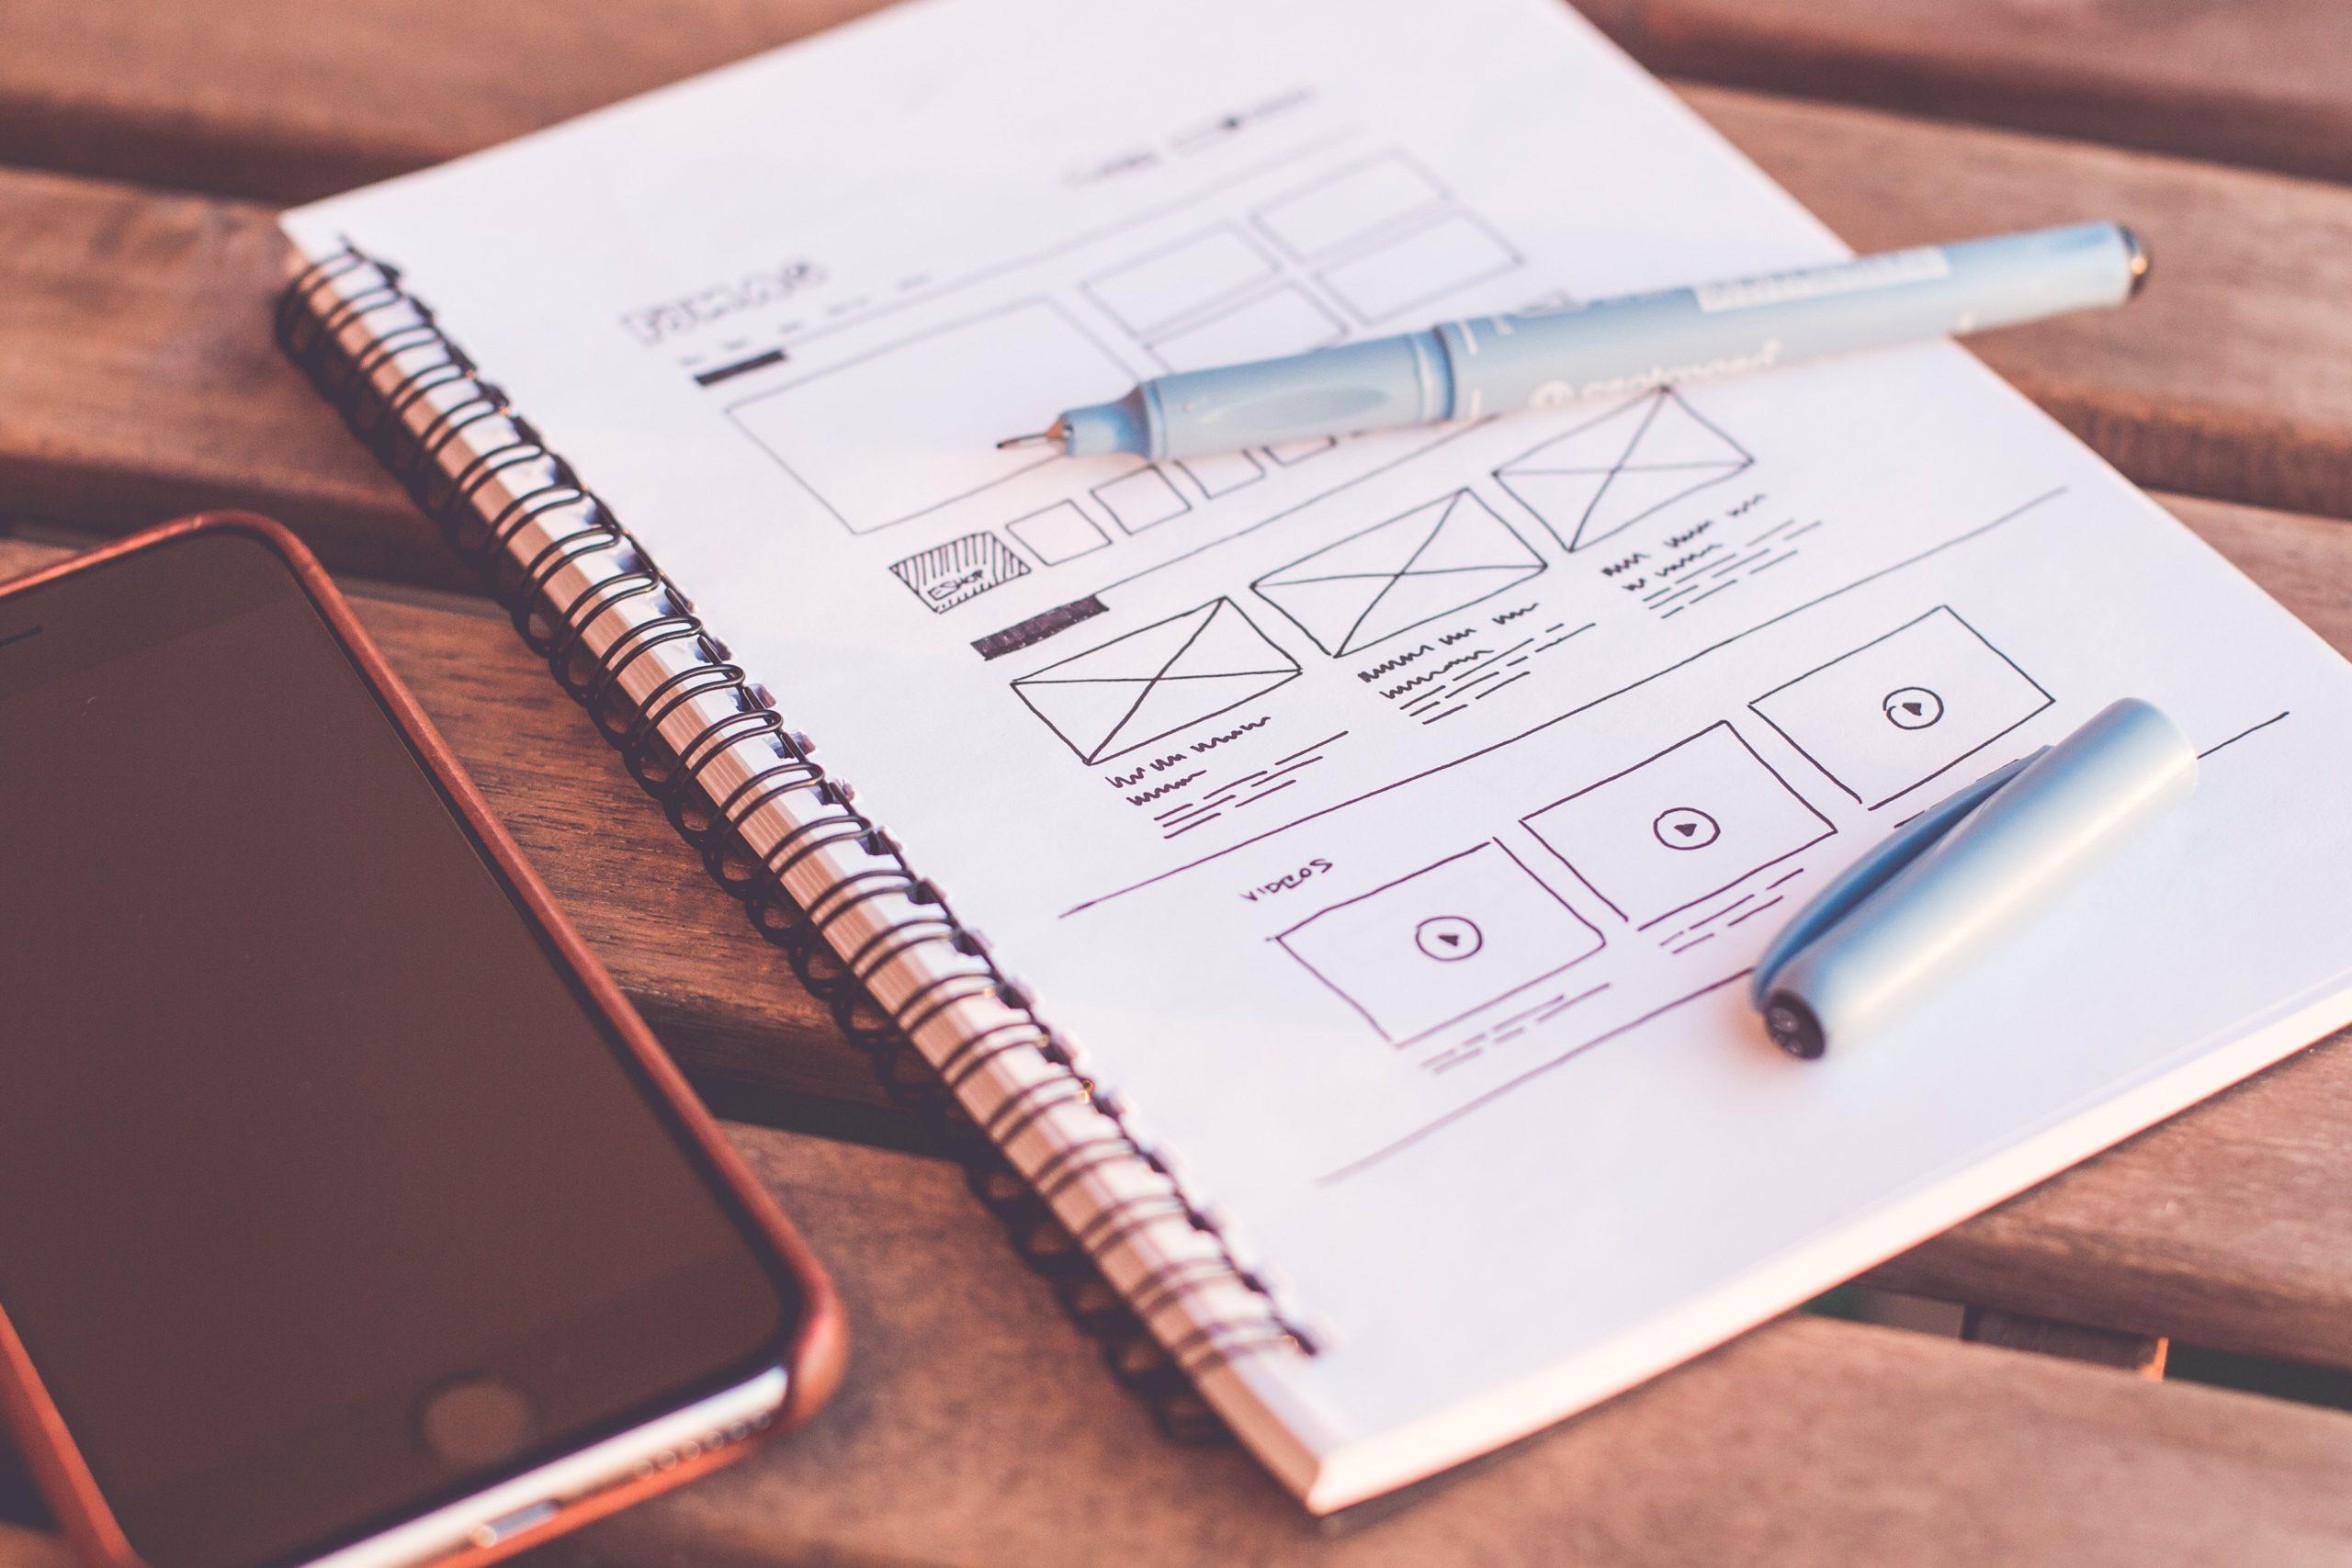 ux-design-pour-les-entreprises-digital4all-agence-digitale-authentique-partenaire-des-pme-et-des-tpe-dans-leur-transition-digitale